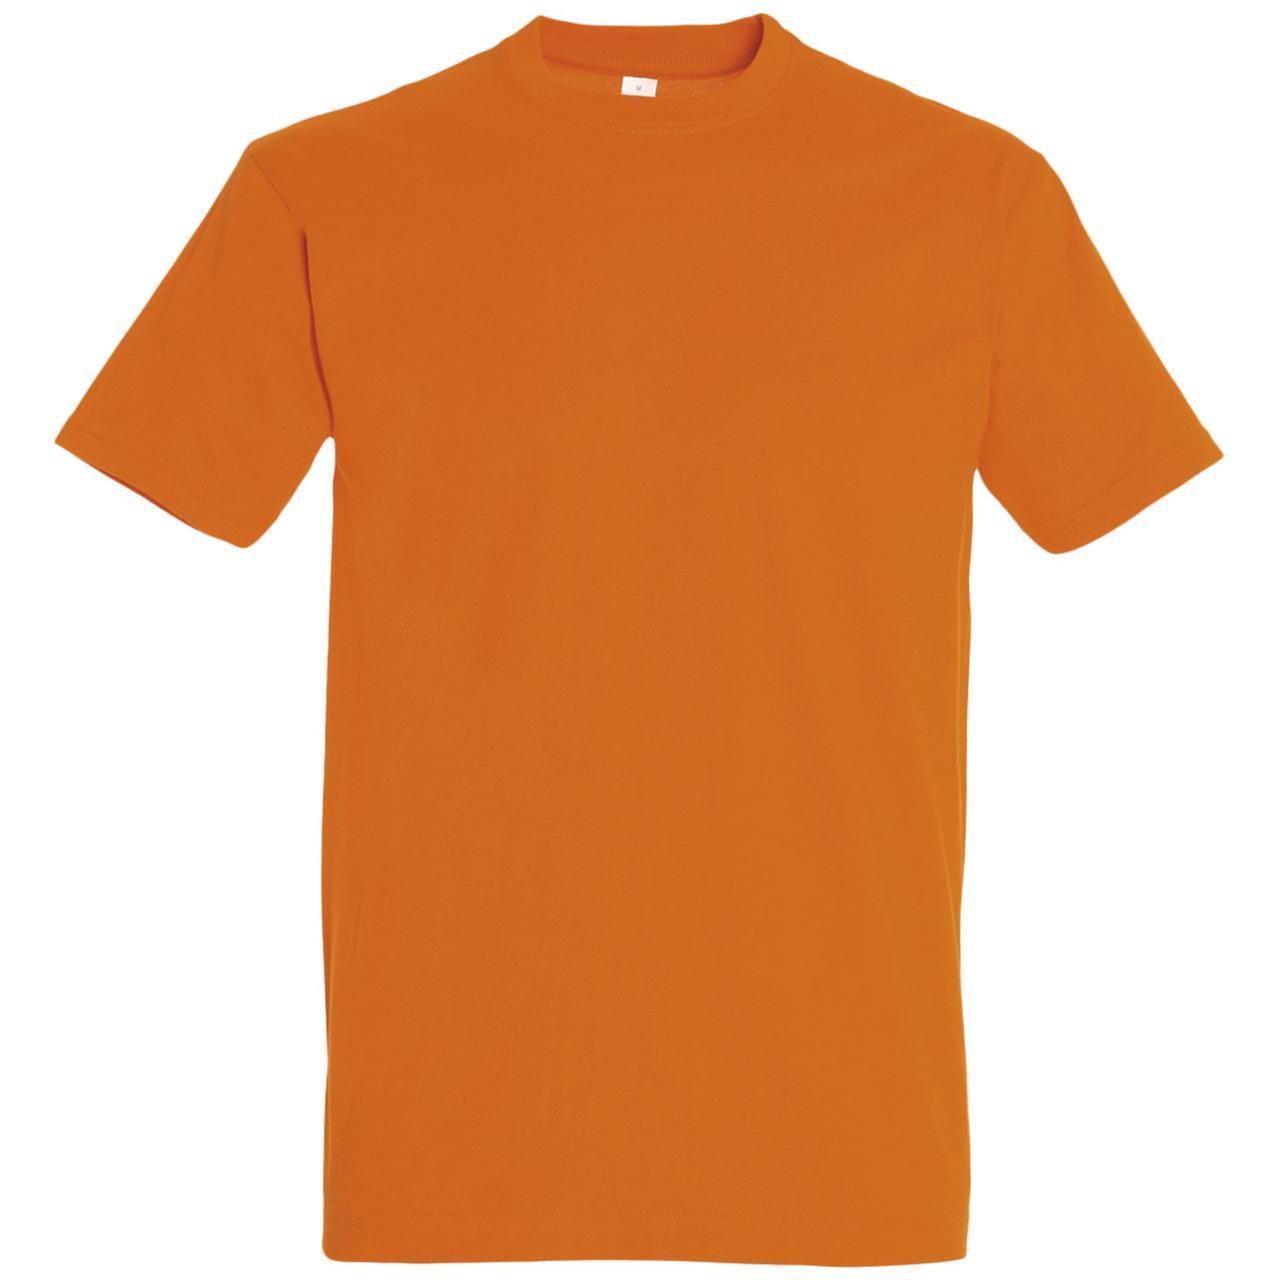 Oднотонная футболка | Оранжевая | 160 гр. | S